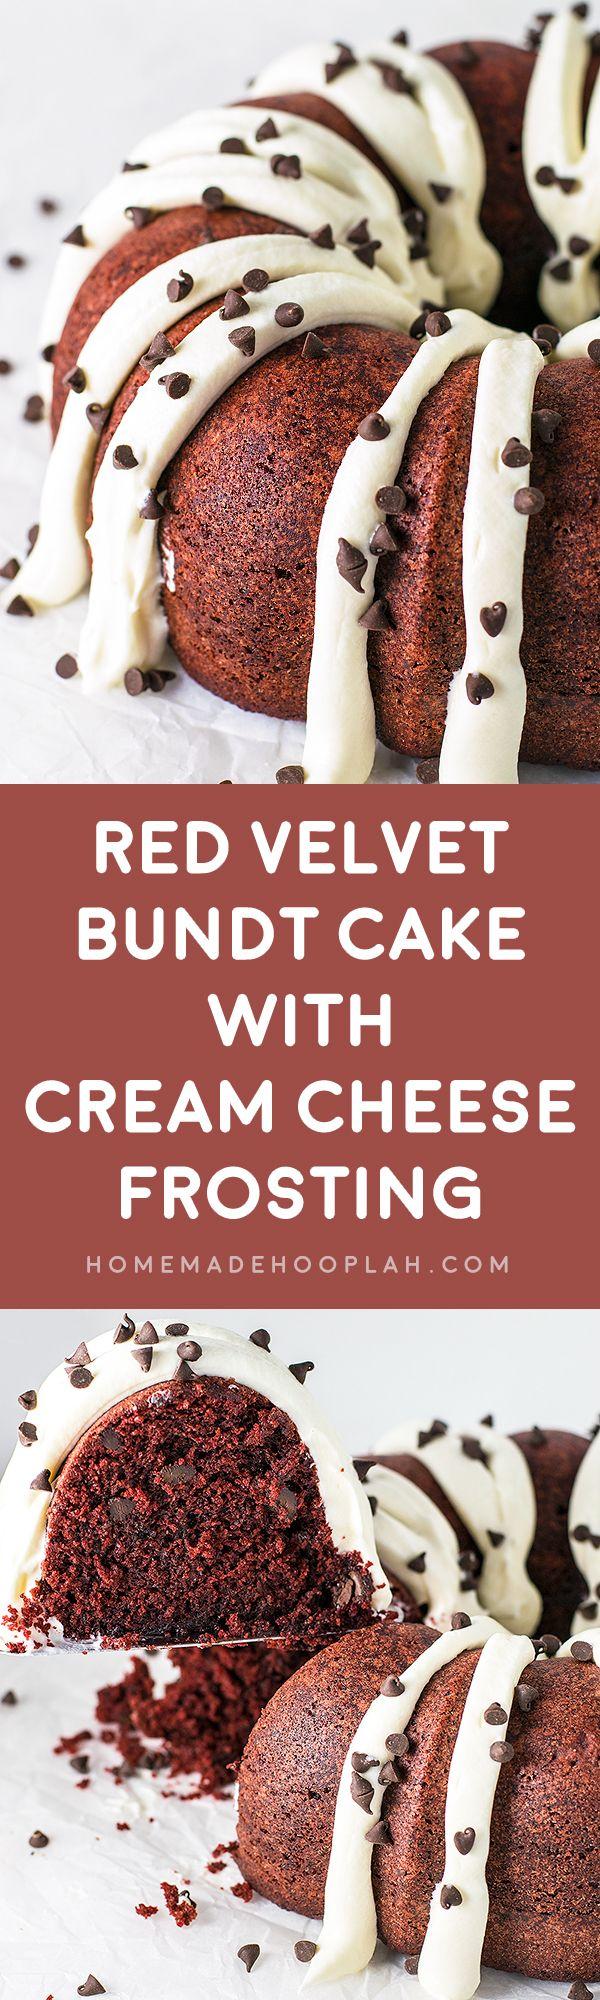 Red Velvet Bundt Cake with Cream Cheese Frosting! A Nothing Bundt Cake copycat recipe that hits the mark: ultra moist red velvet bundt cake topped deliciously fluffy cream cheese frosting.   HomemadeHooplah.com